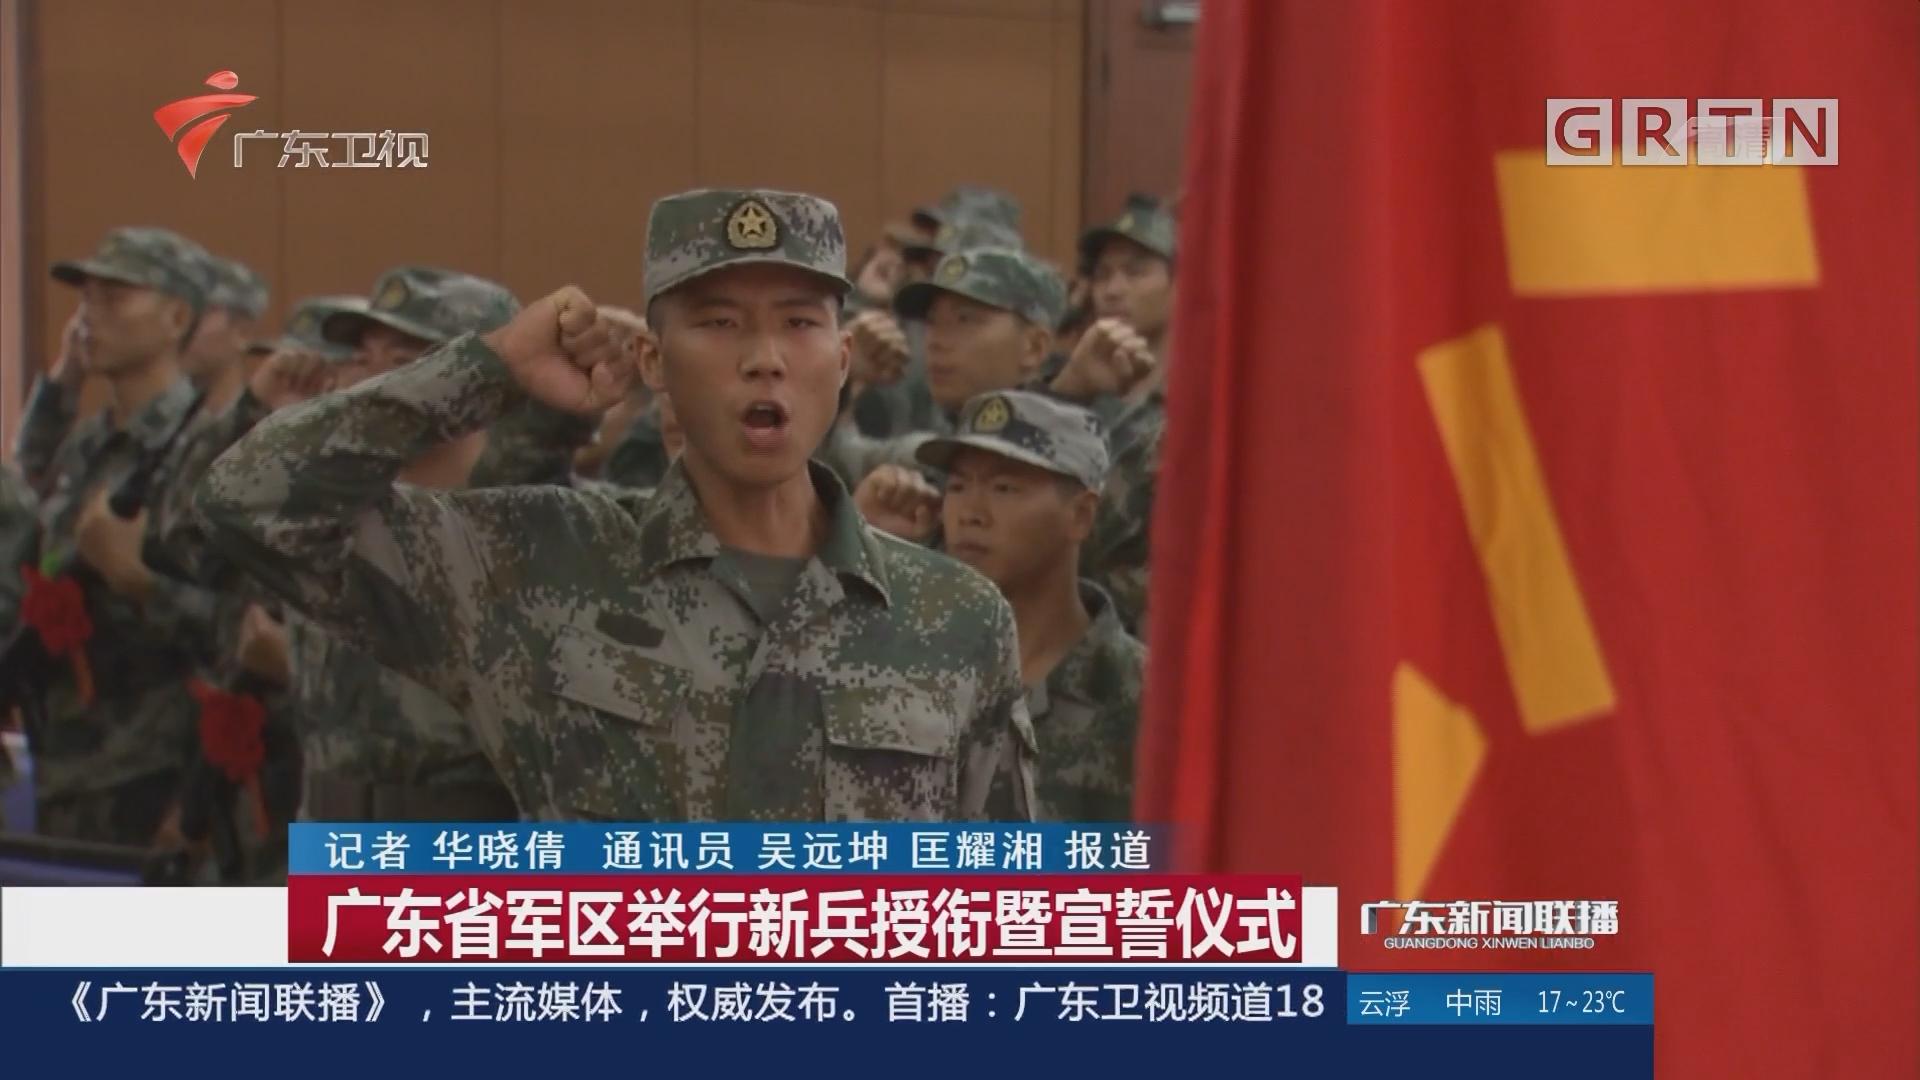 广东省军区举行新兵授衔暨宣誓仪式